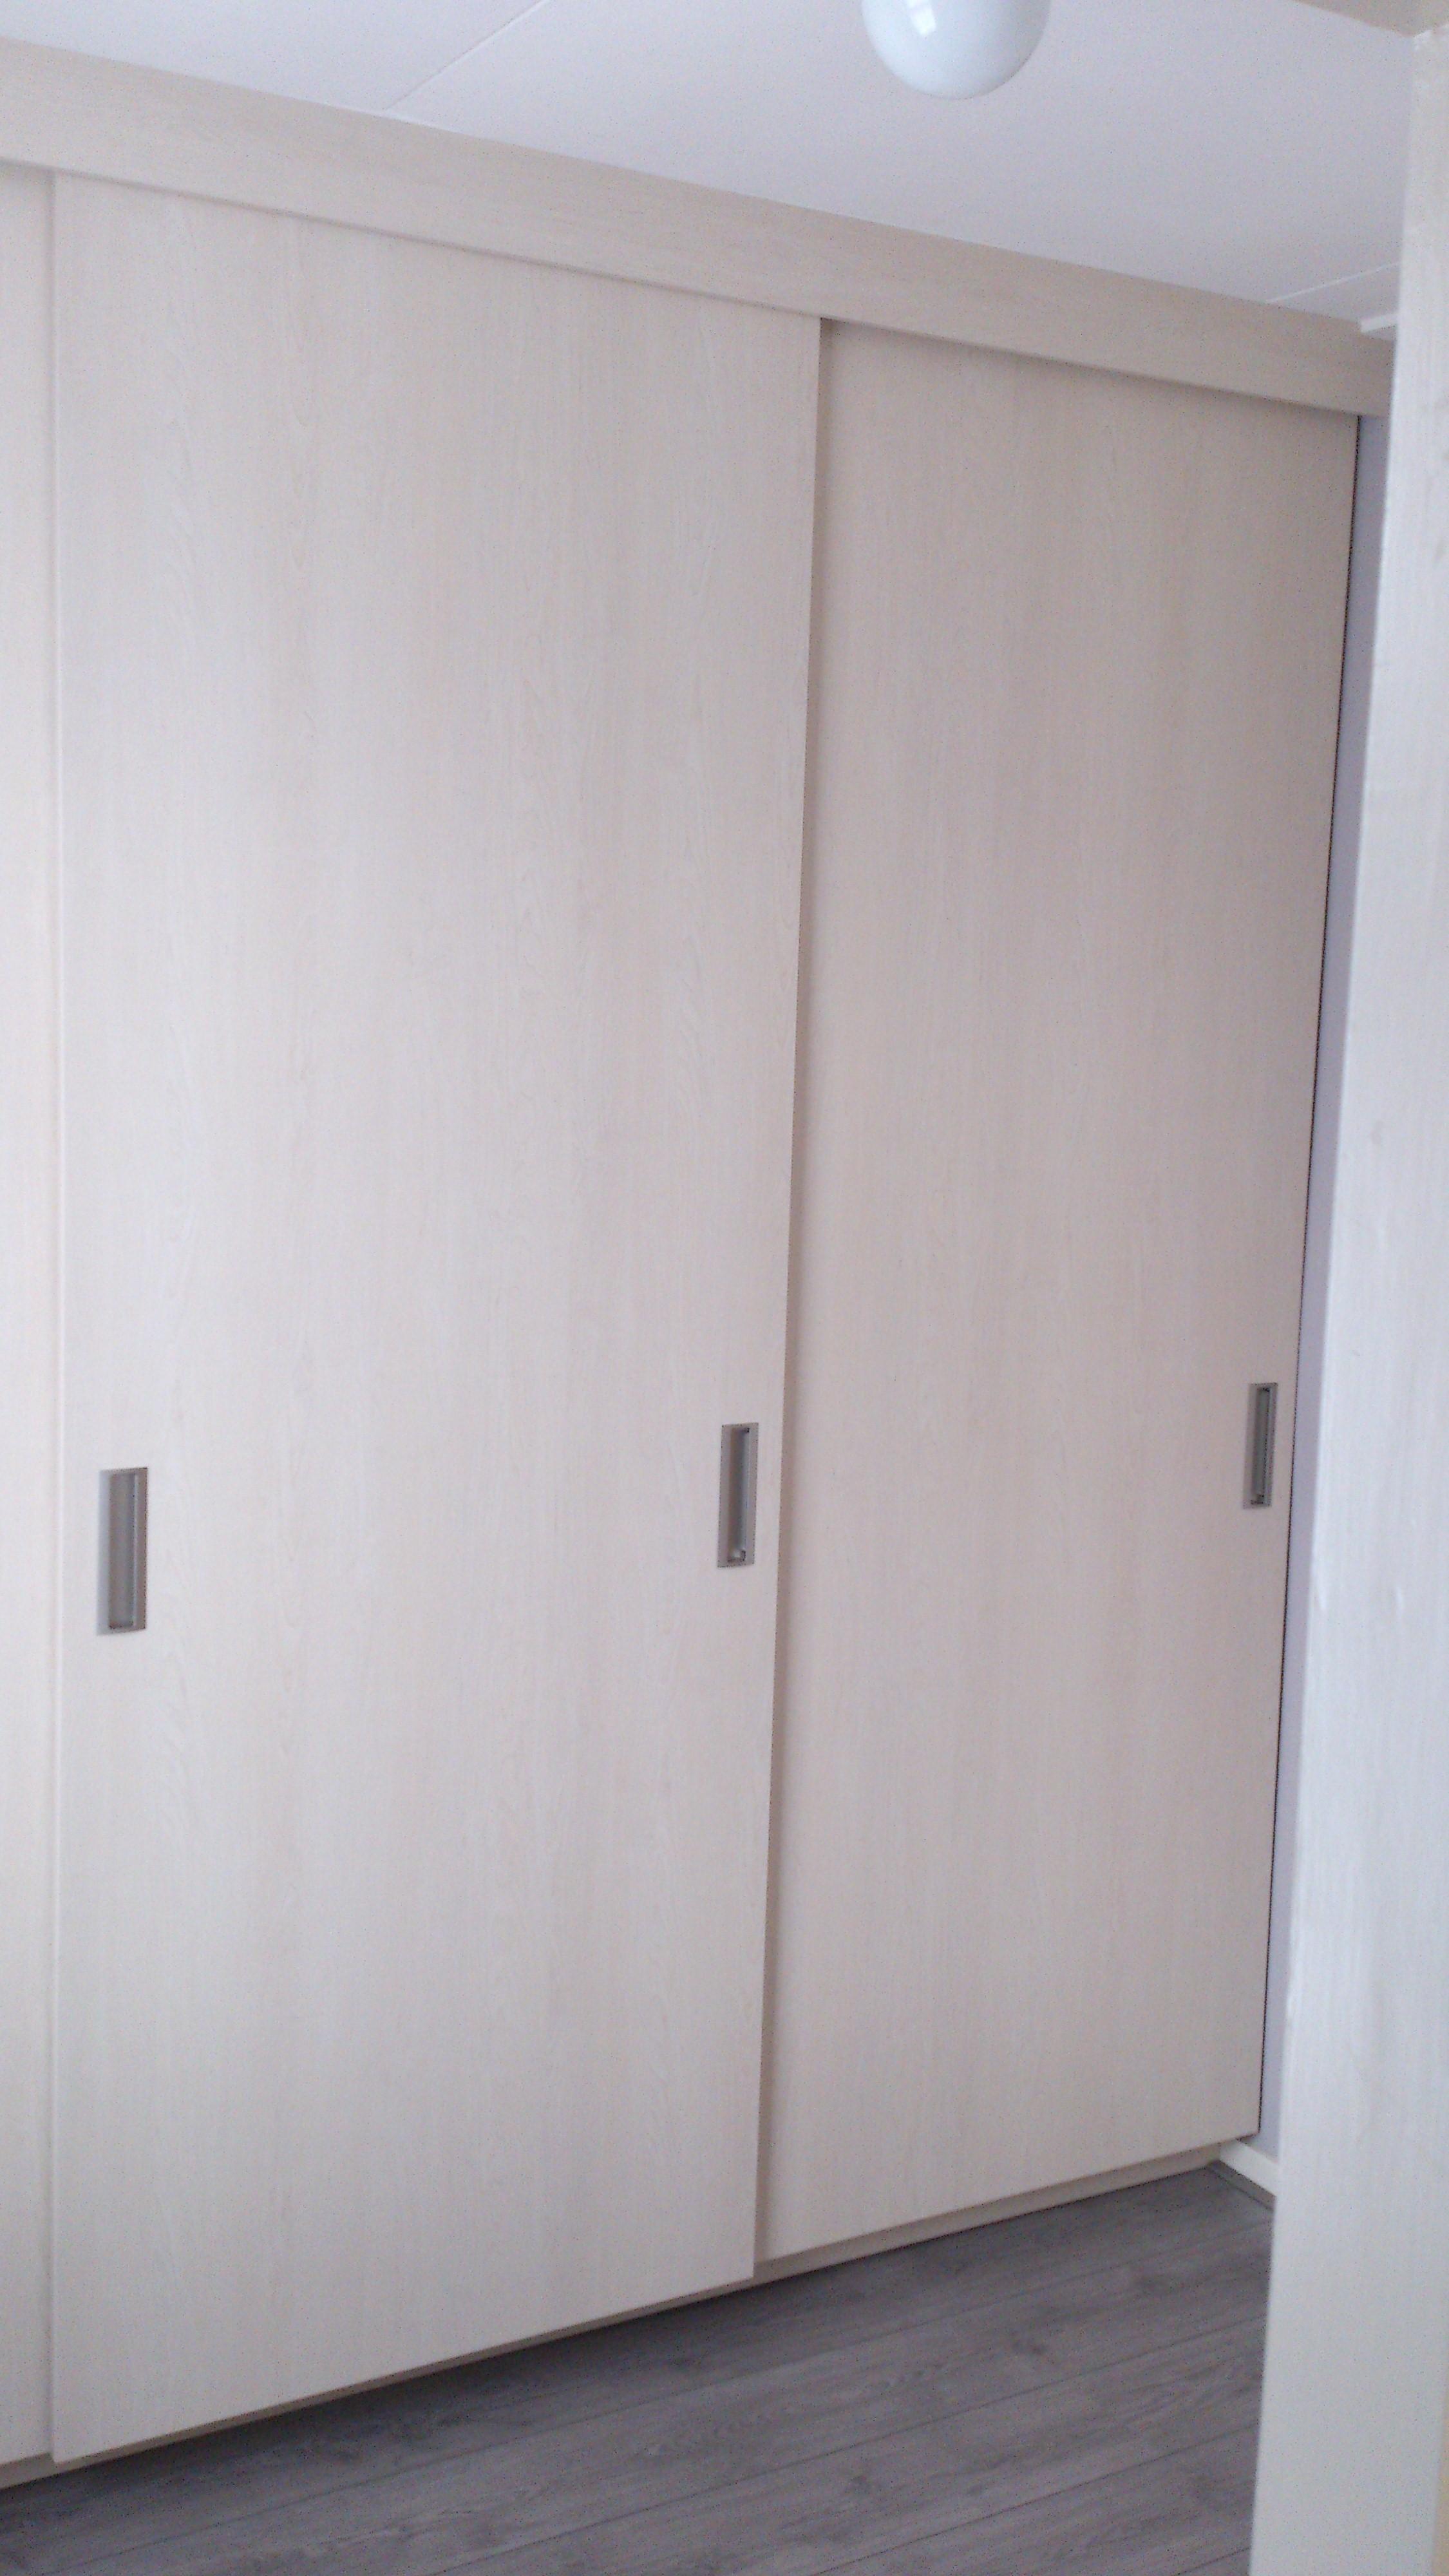 Keuken Opbergkast : Grote opbergkast geheel ingebouwd tussen de muren. De kast is